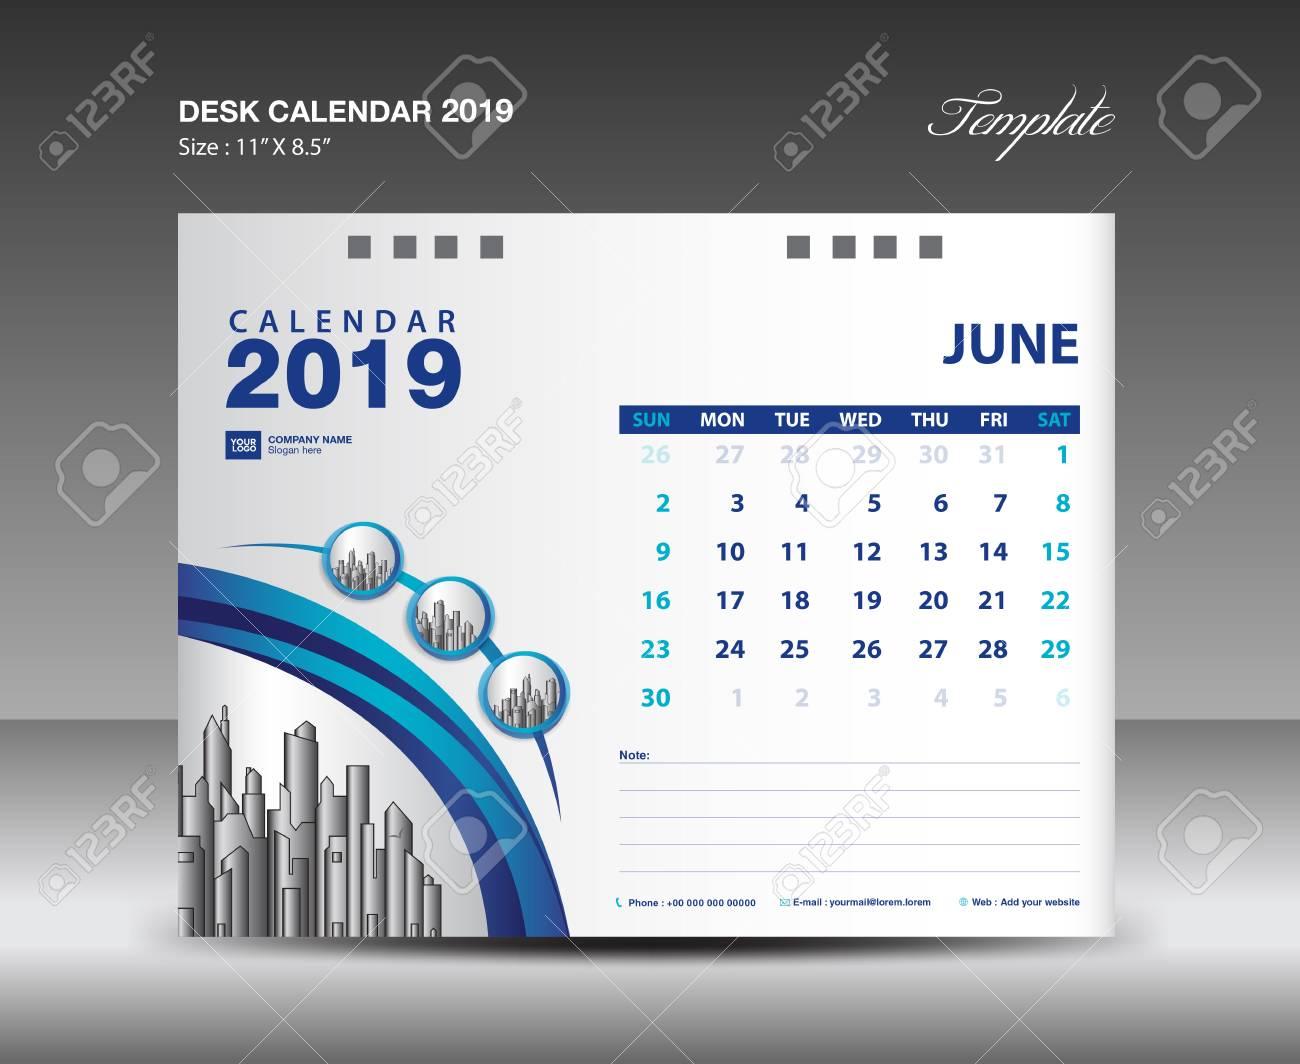 Desk Calendar 2019 Year Template vector design, JUNE Month - 109725767